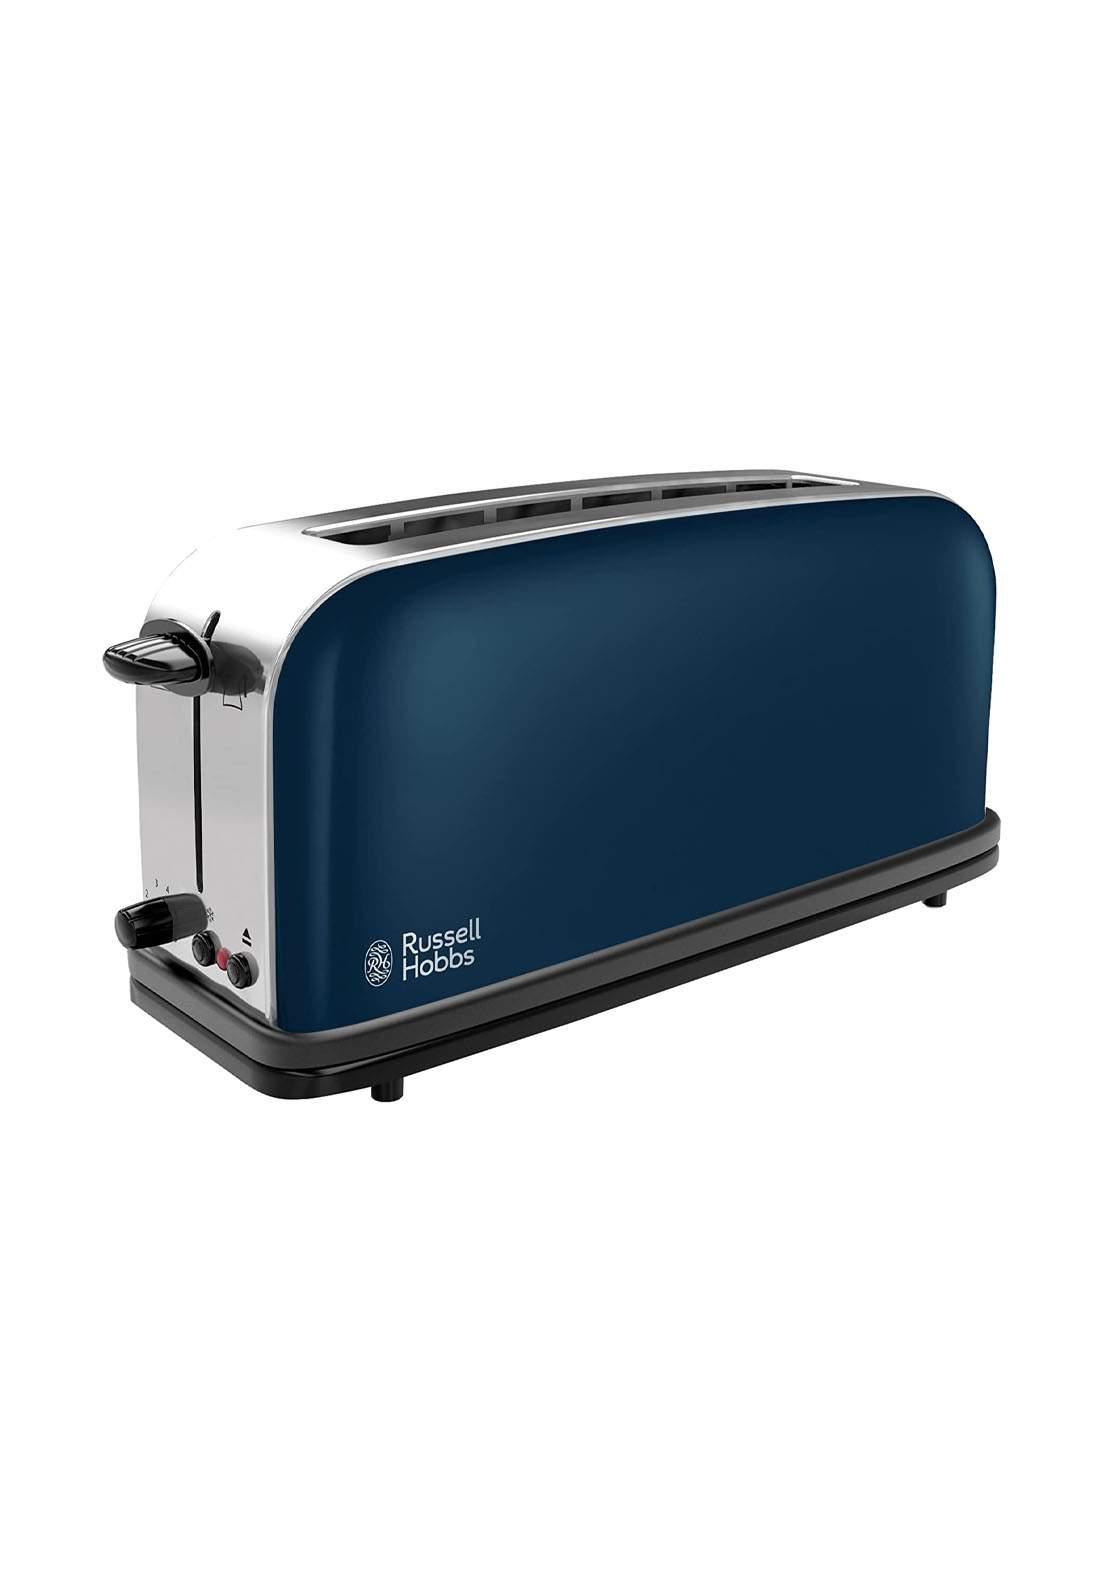 Russell hobbs 21394 Toaster محمصة